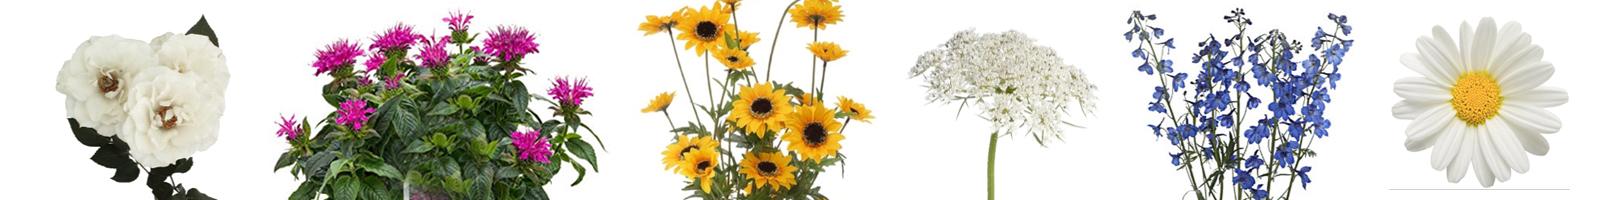 flower_meanings_mary_justi.jpg